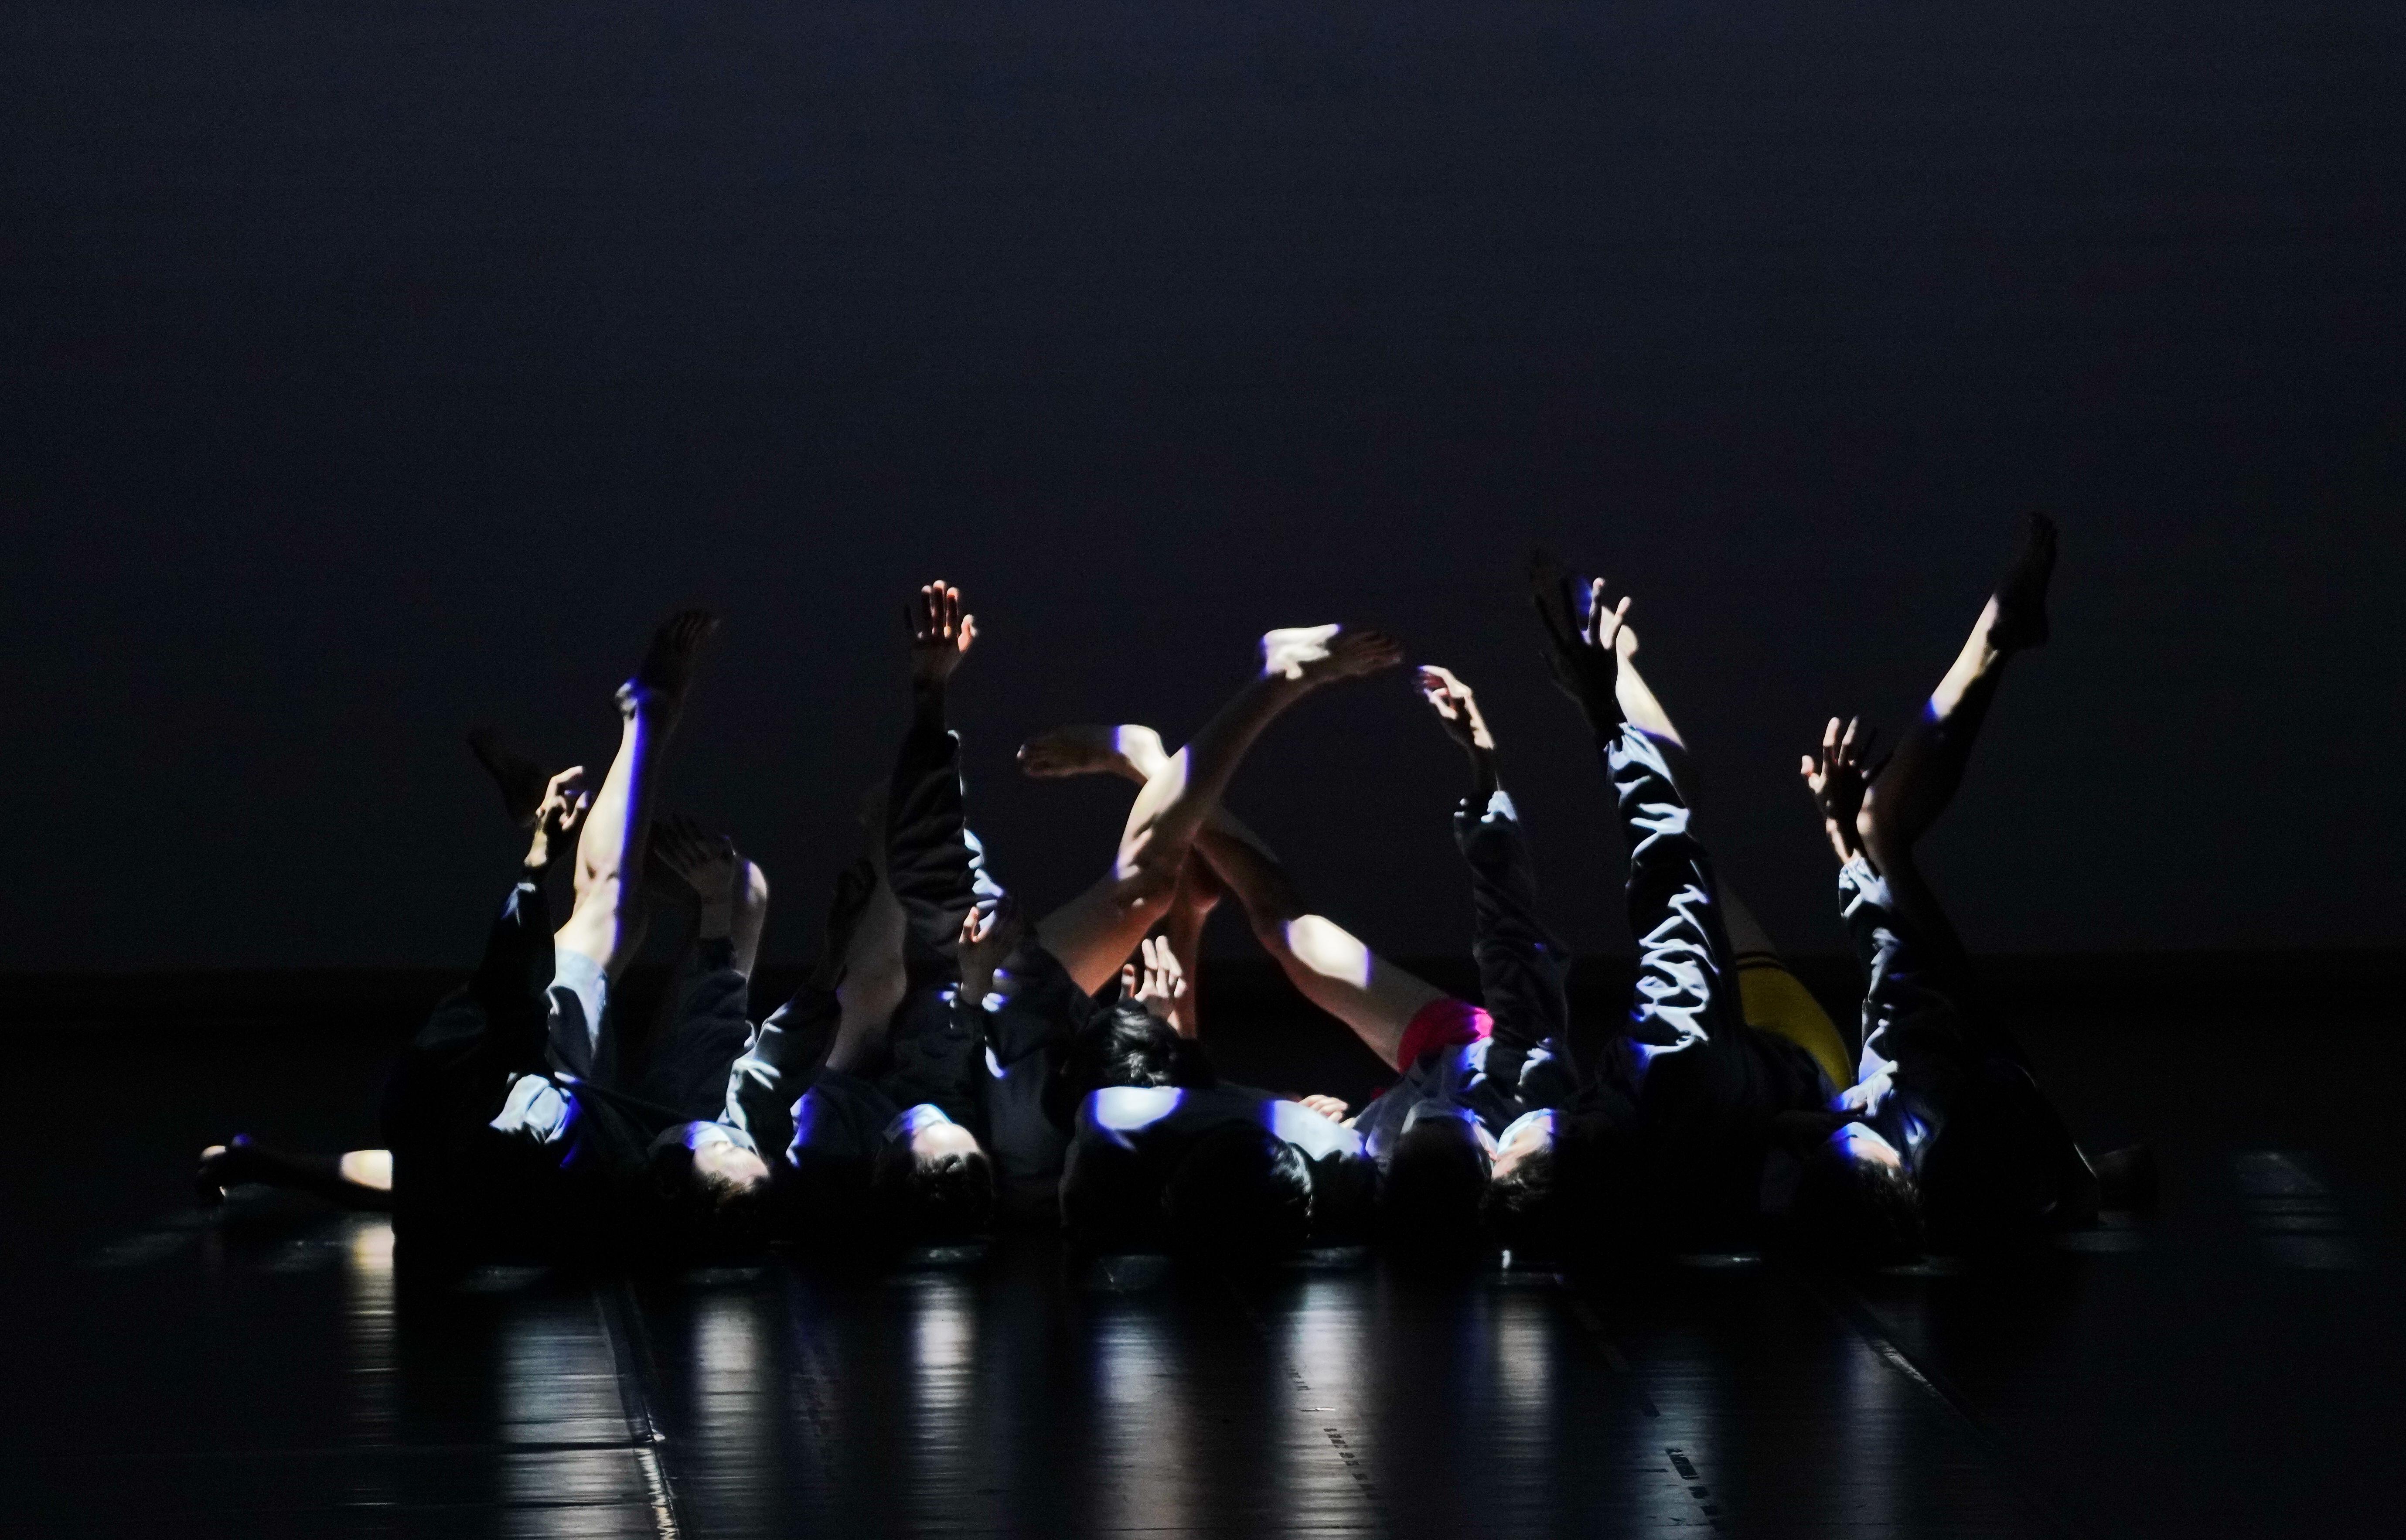 韩斌作品《广角镜》之《黑暗中的色彩》。